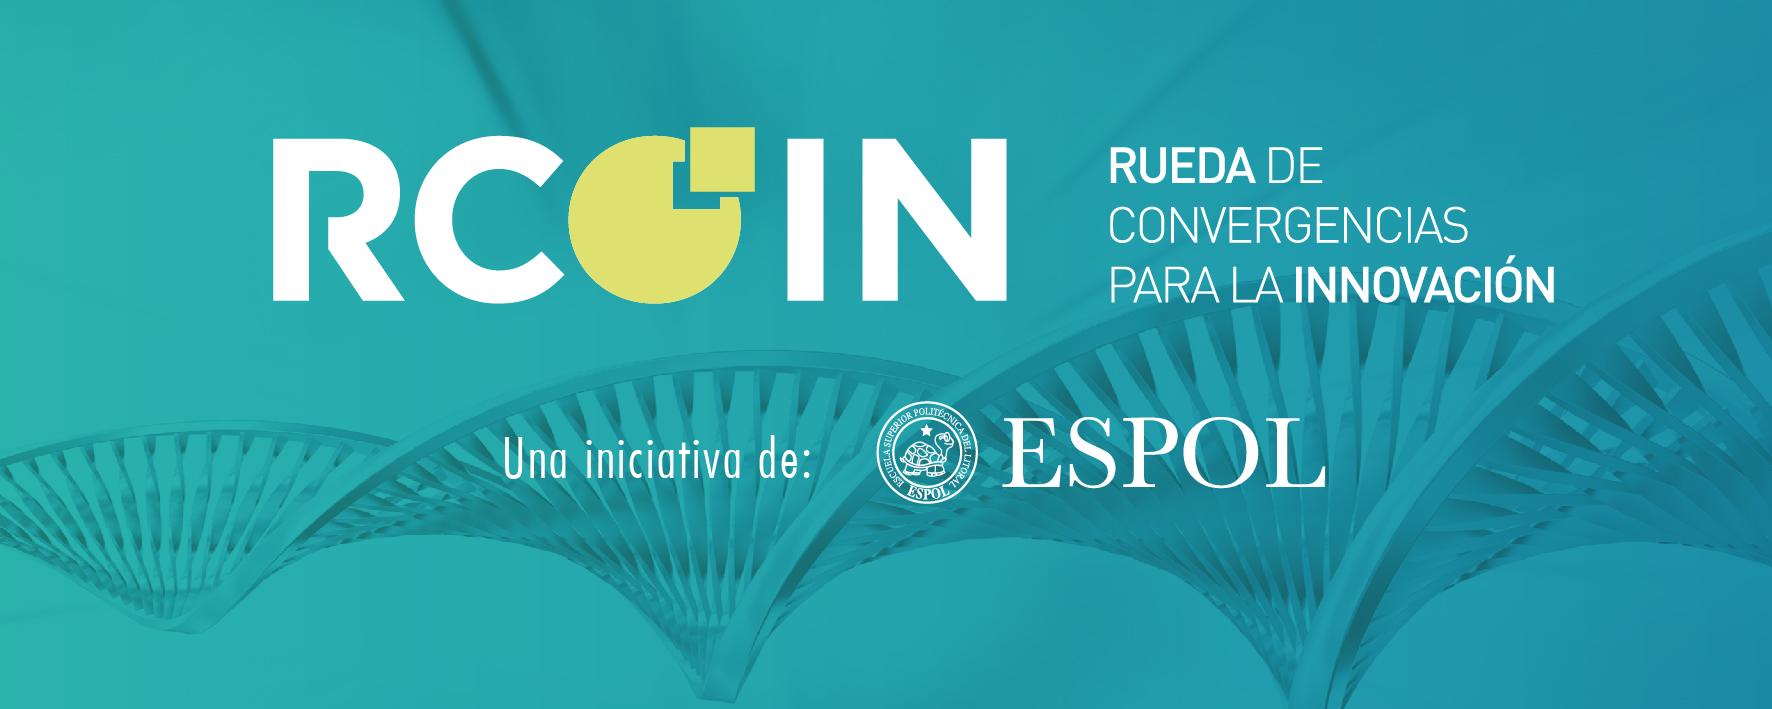 ESPOL organiza Rueda de Convergencias para la Innovación